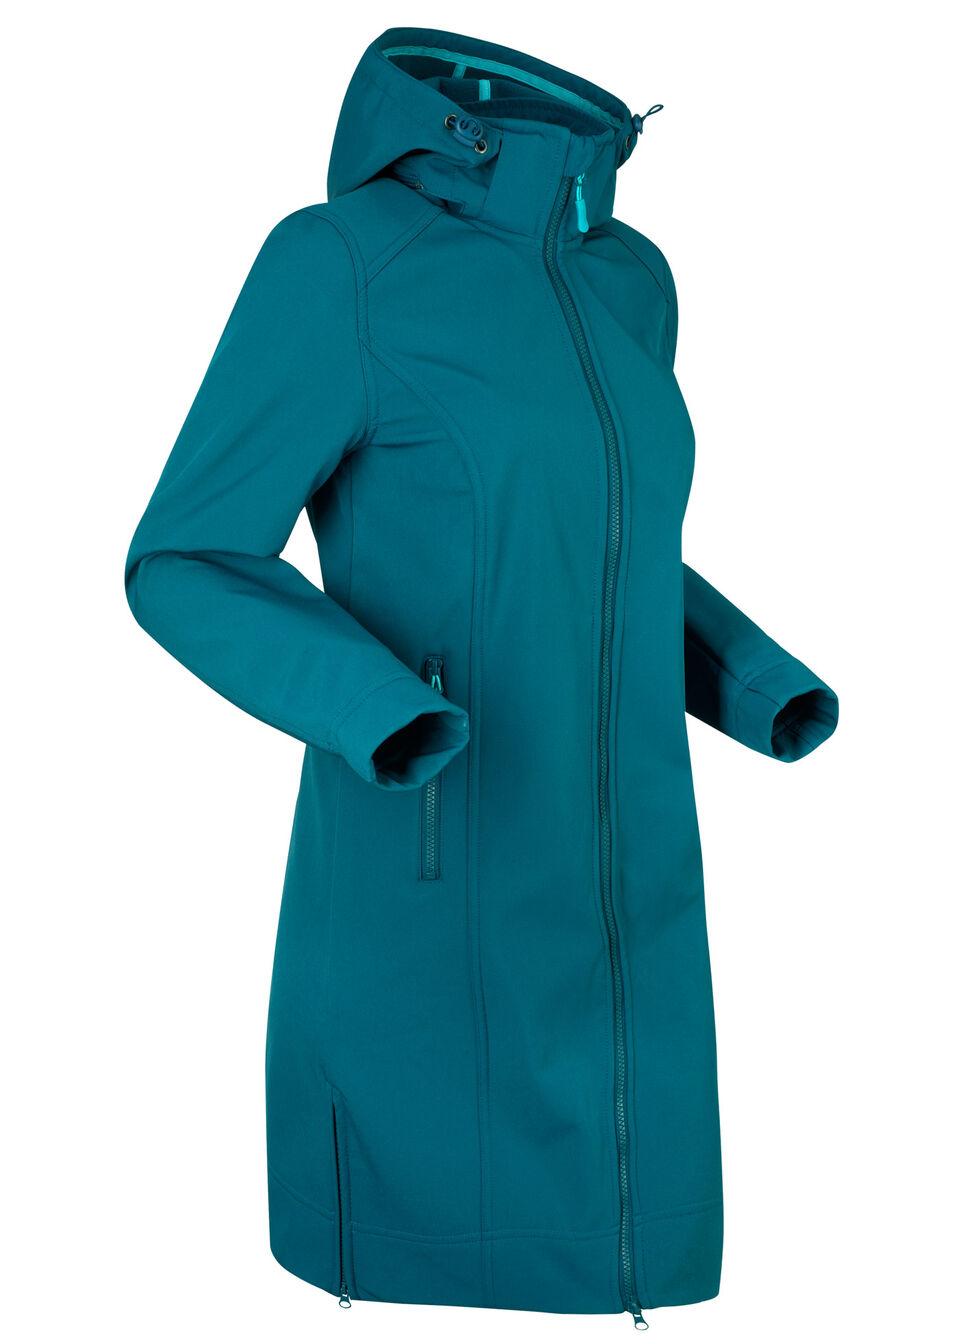 Płaszcz funkcyjny softshell bonprix niebieskozielony morski